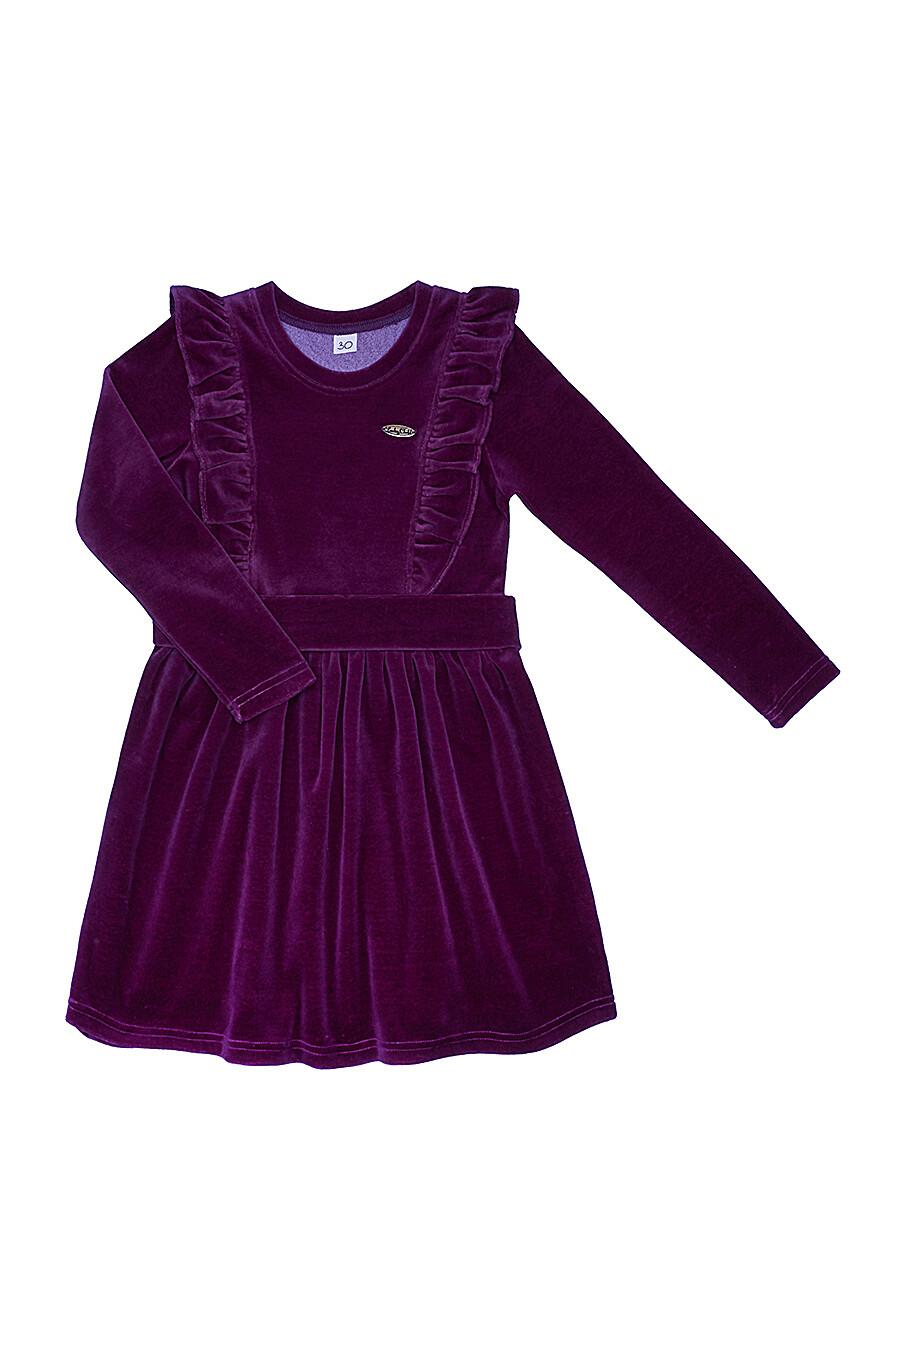 Платье LUCKY CHILD (184756), купить в Moyo.moda